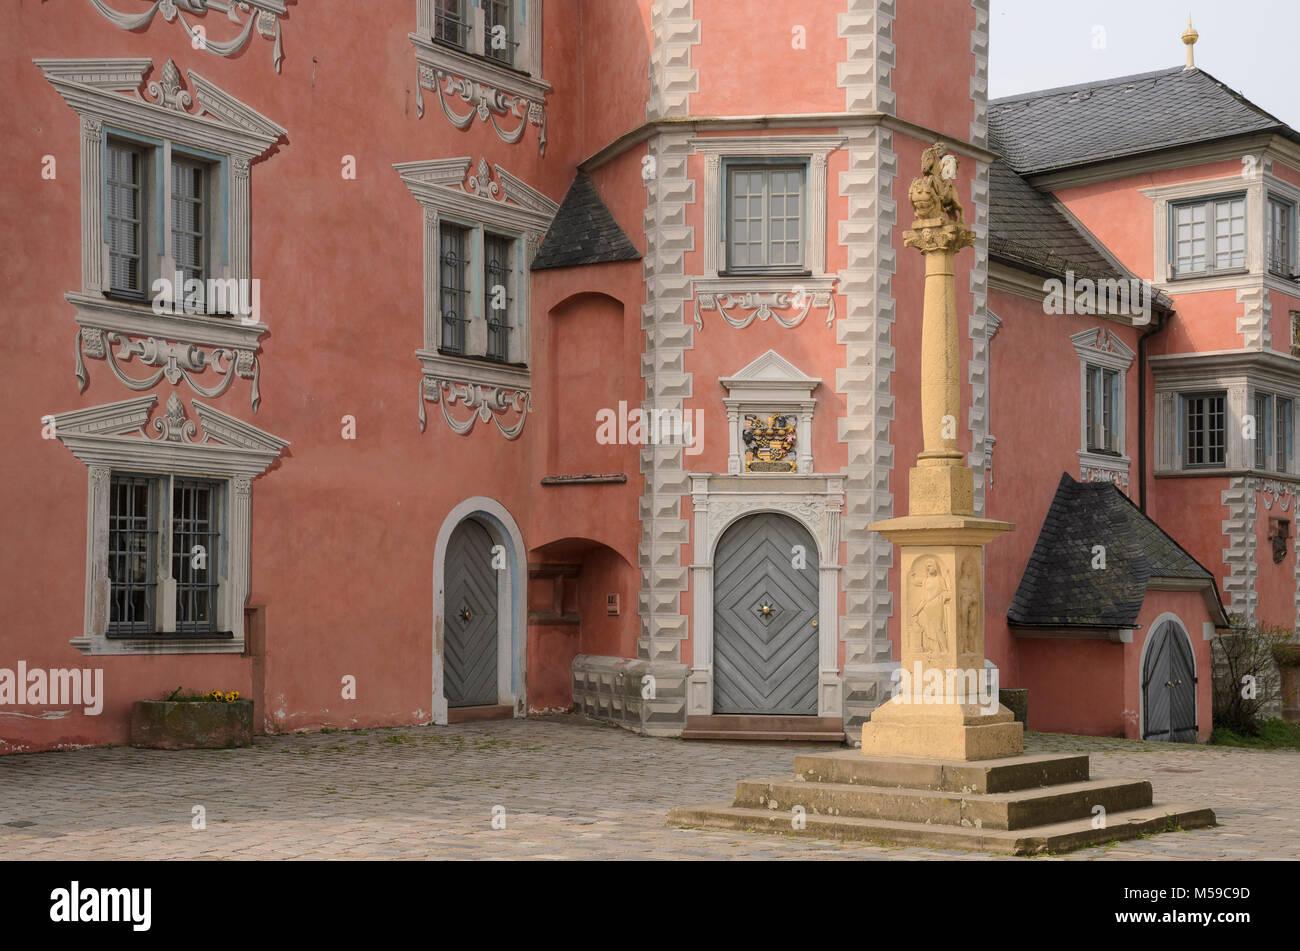 Bischofshof, Ladenburg, Baden-Württemberg, Deutschland Stockbild